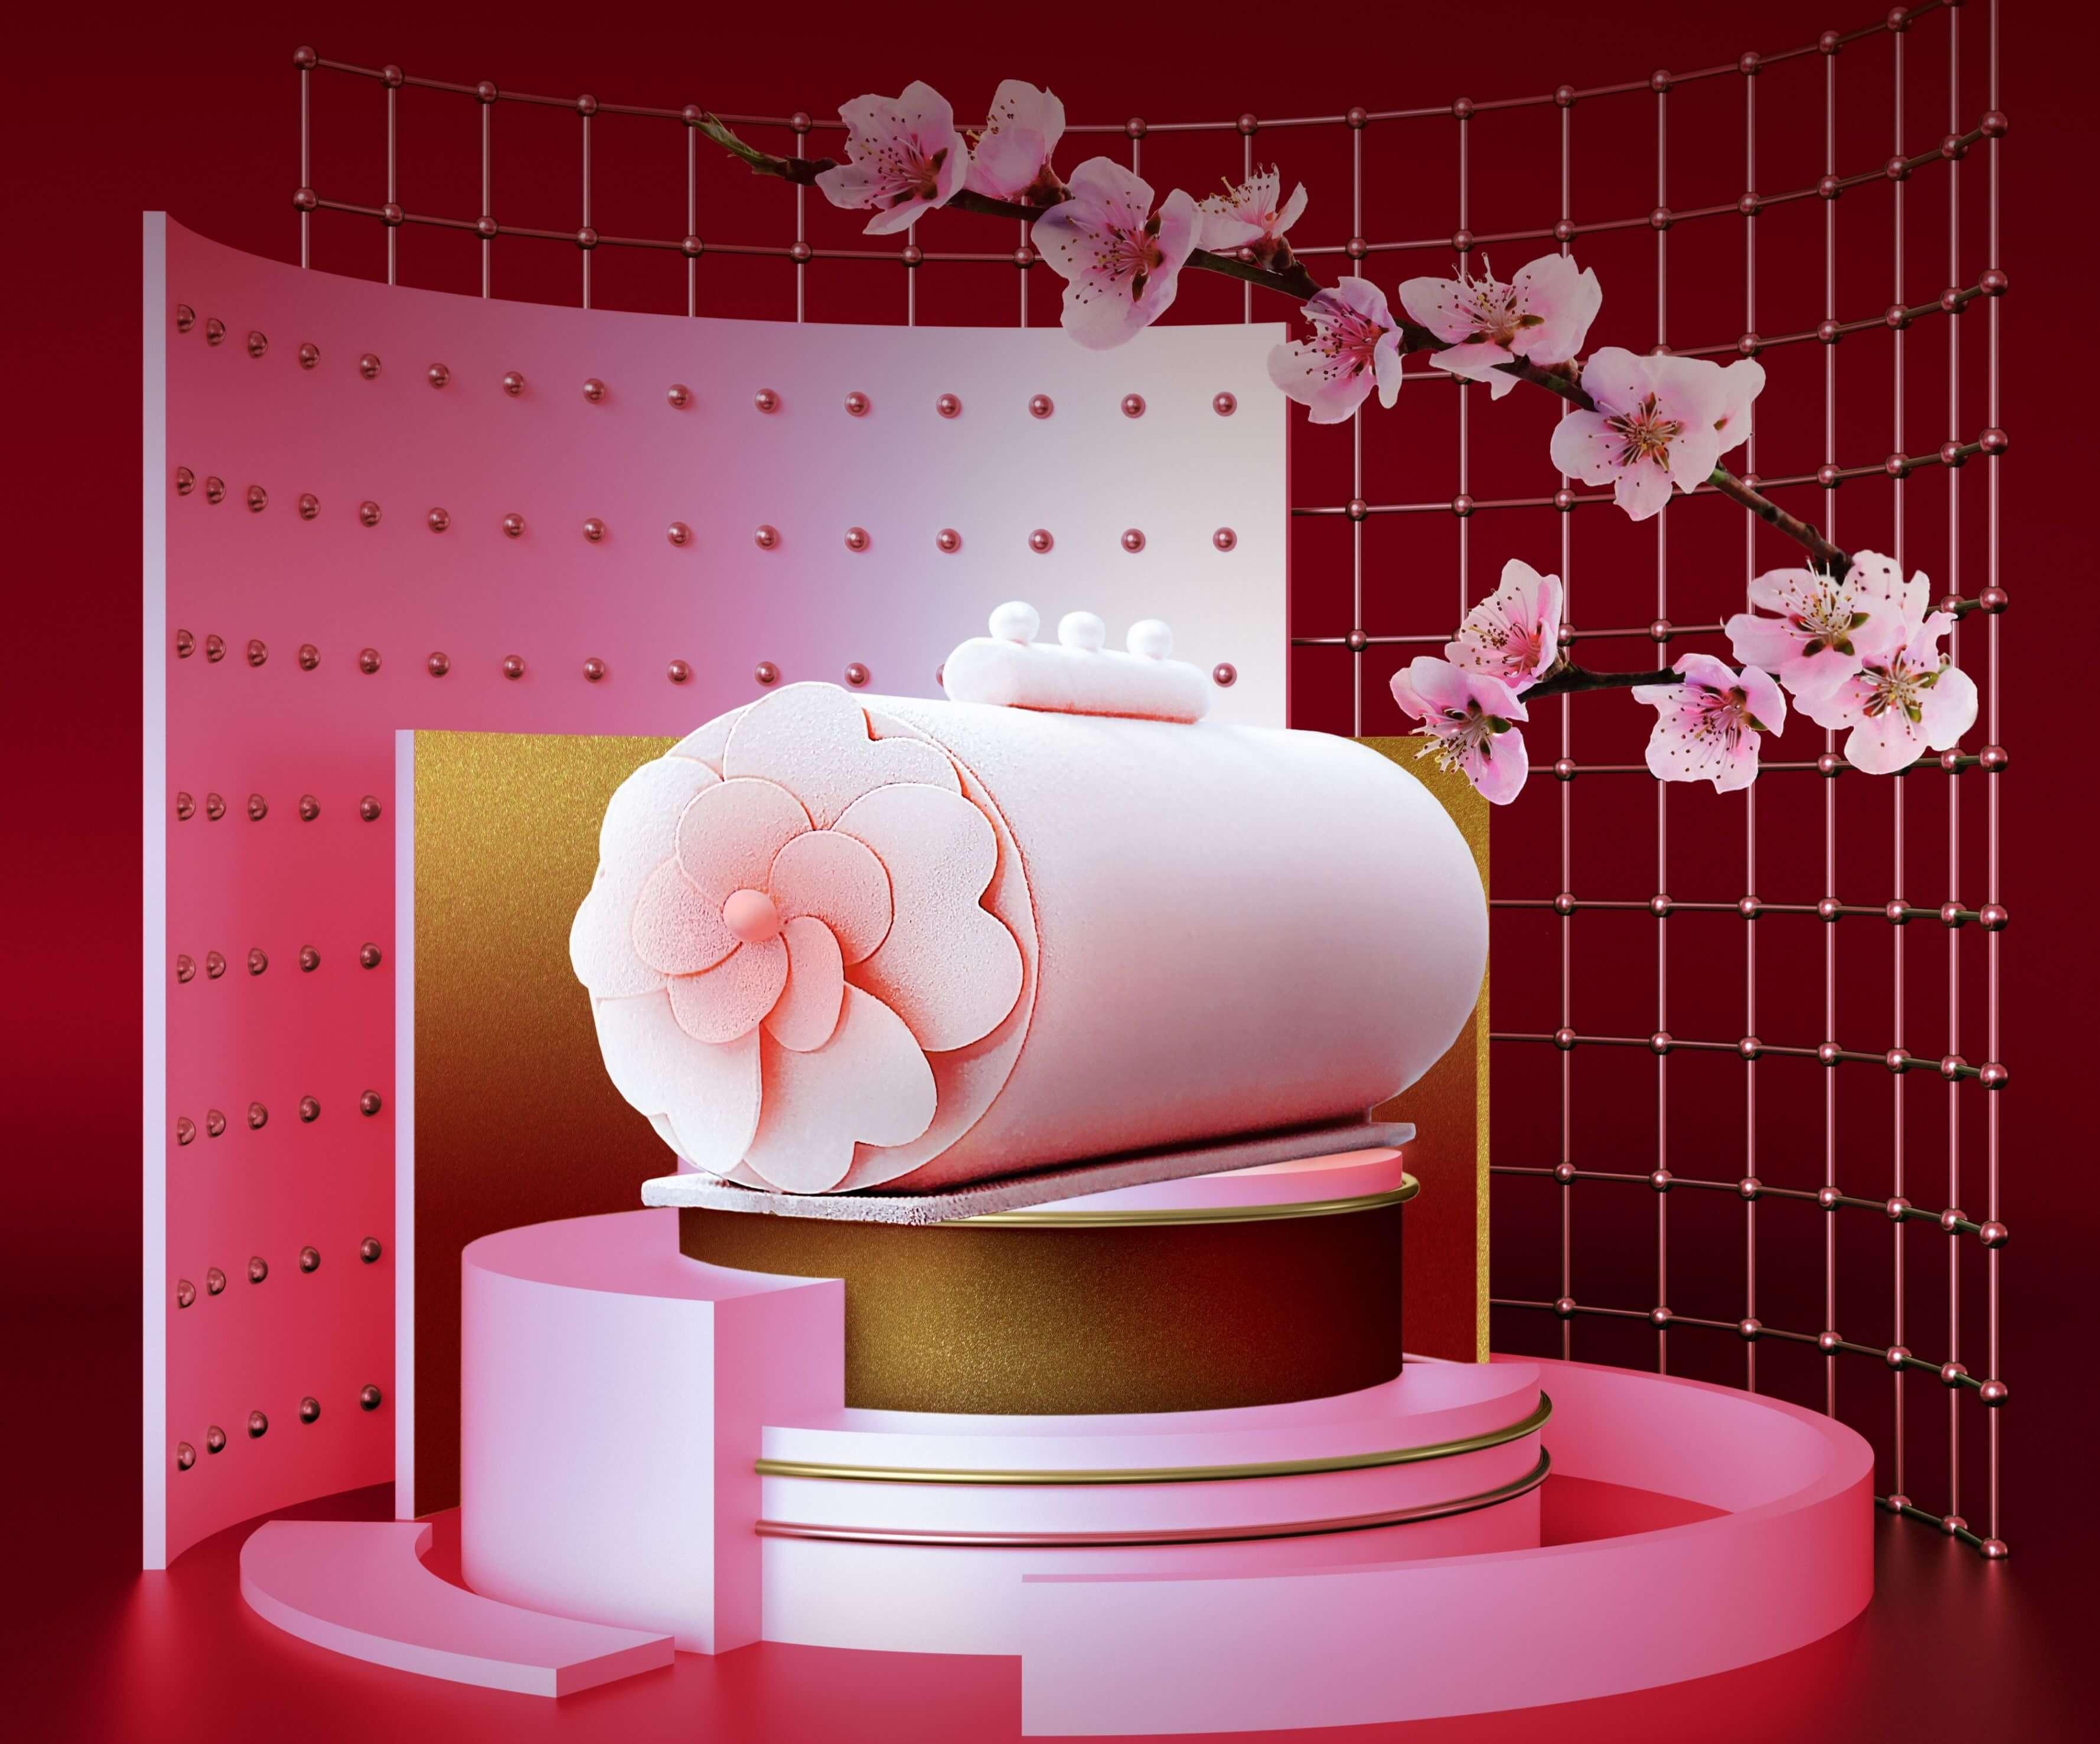 台北萬豪酒店母親節蛋糕甜蜜芋兒心。(圖片/台北萬豪酒店提供)